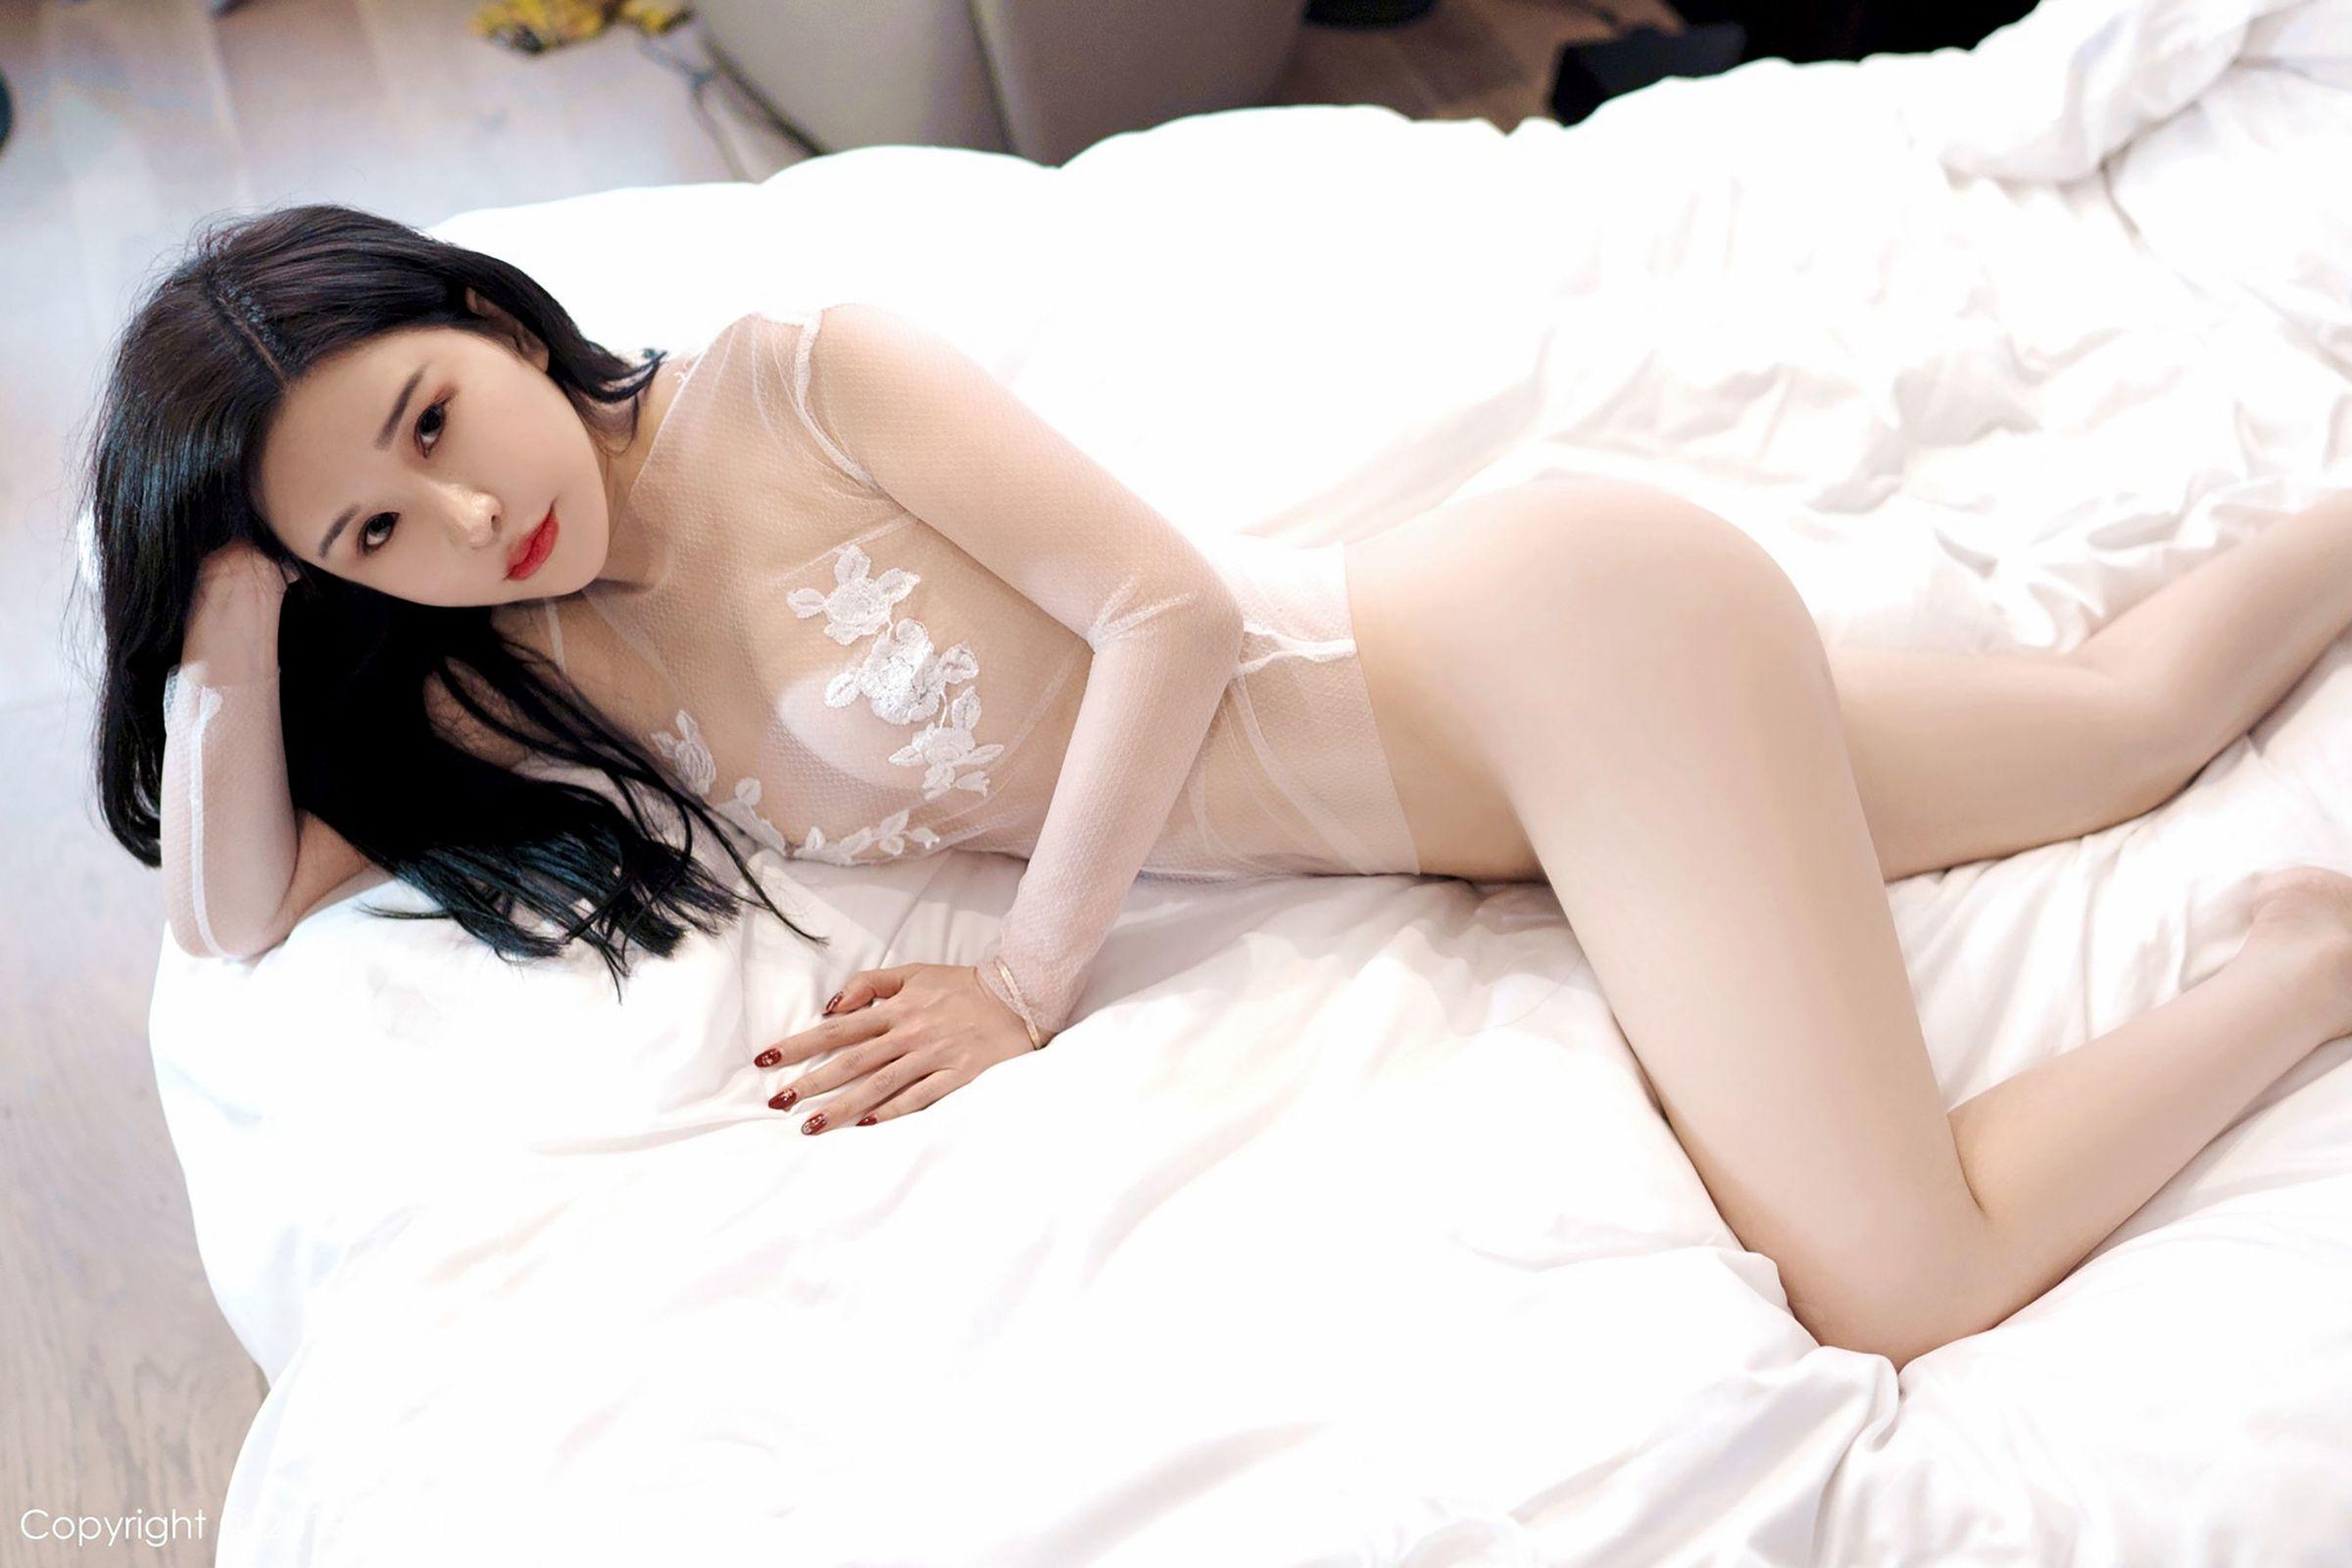 [FEILIN嗲囡囡] Vol.177 模特@张雨萌性感私房丝袜美图[28P]